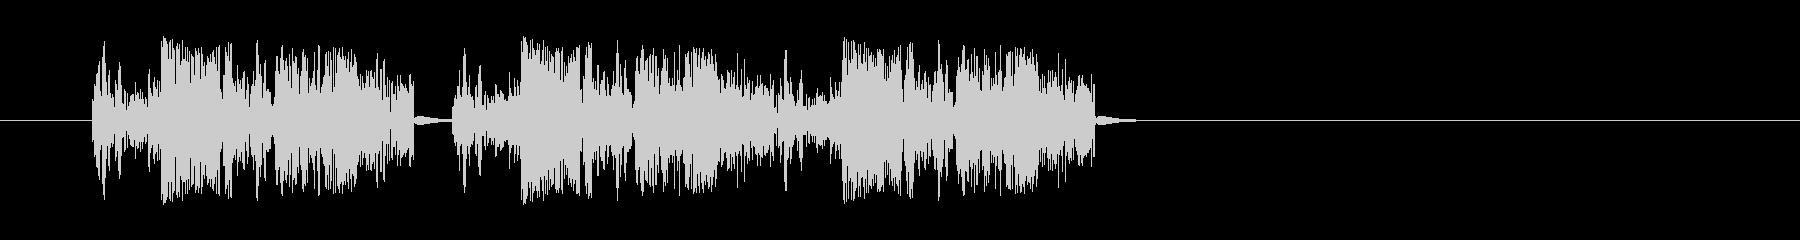 信号干渉スワイプ1の未再生の波形